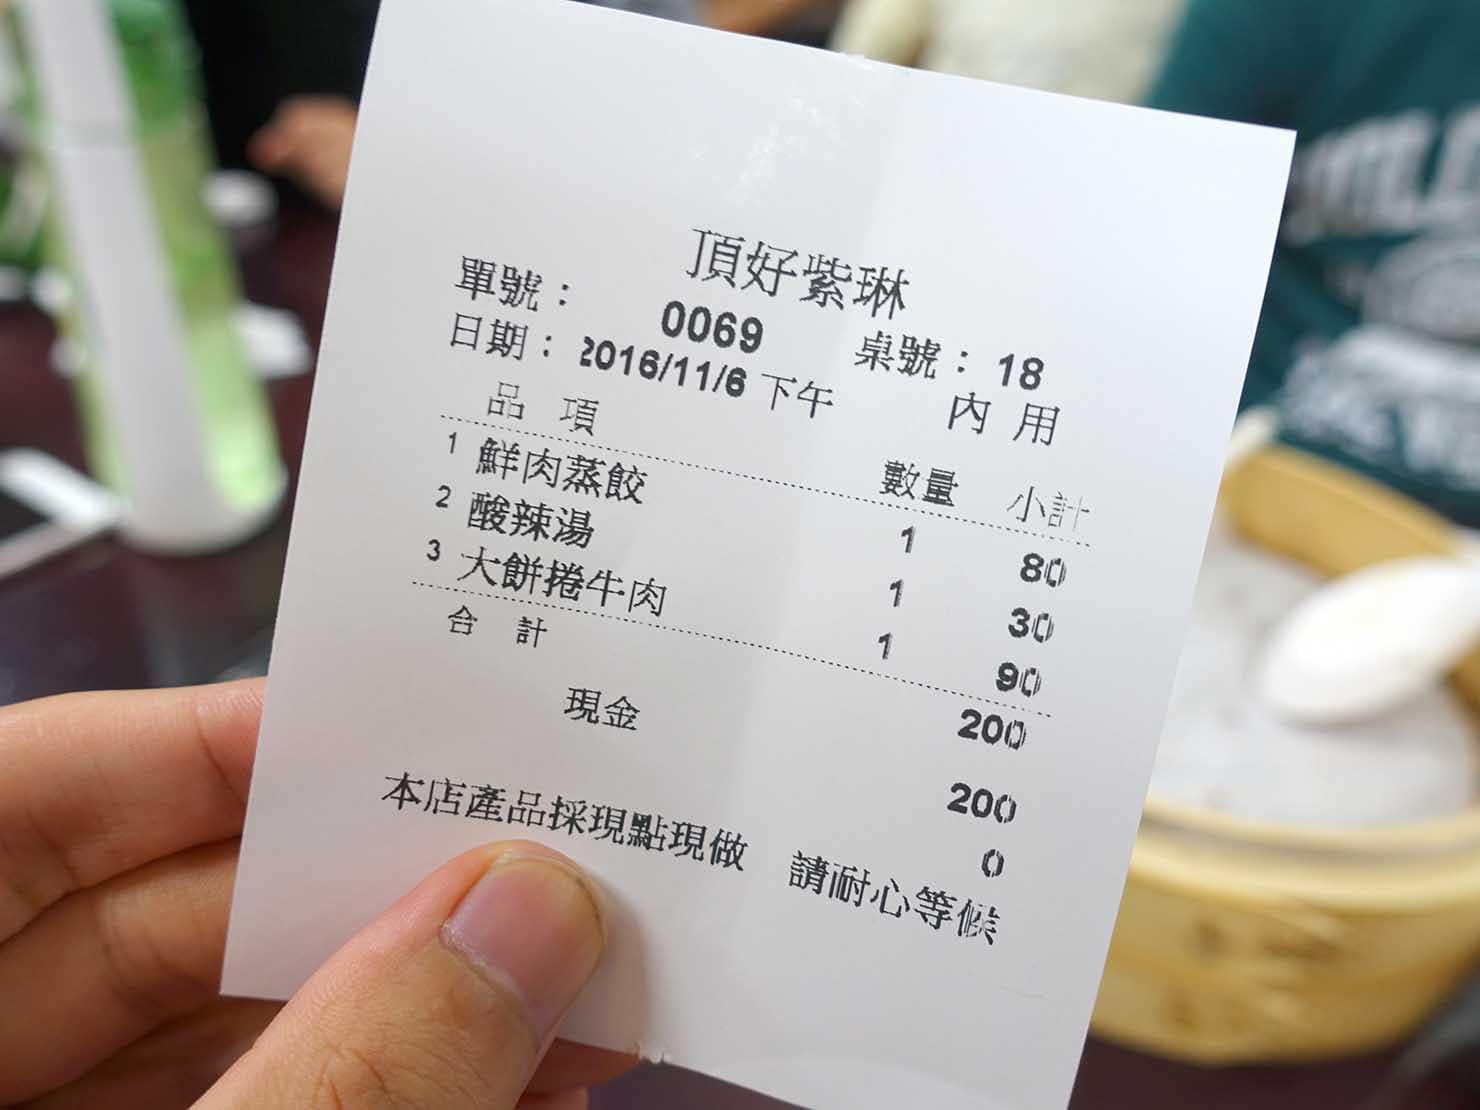 台北・忠孝敦化駅(東區)のおすすめグルメ店「頂好紫琳蒸餃館」のレシート